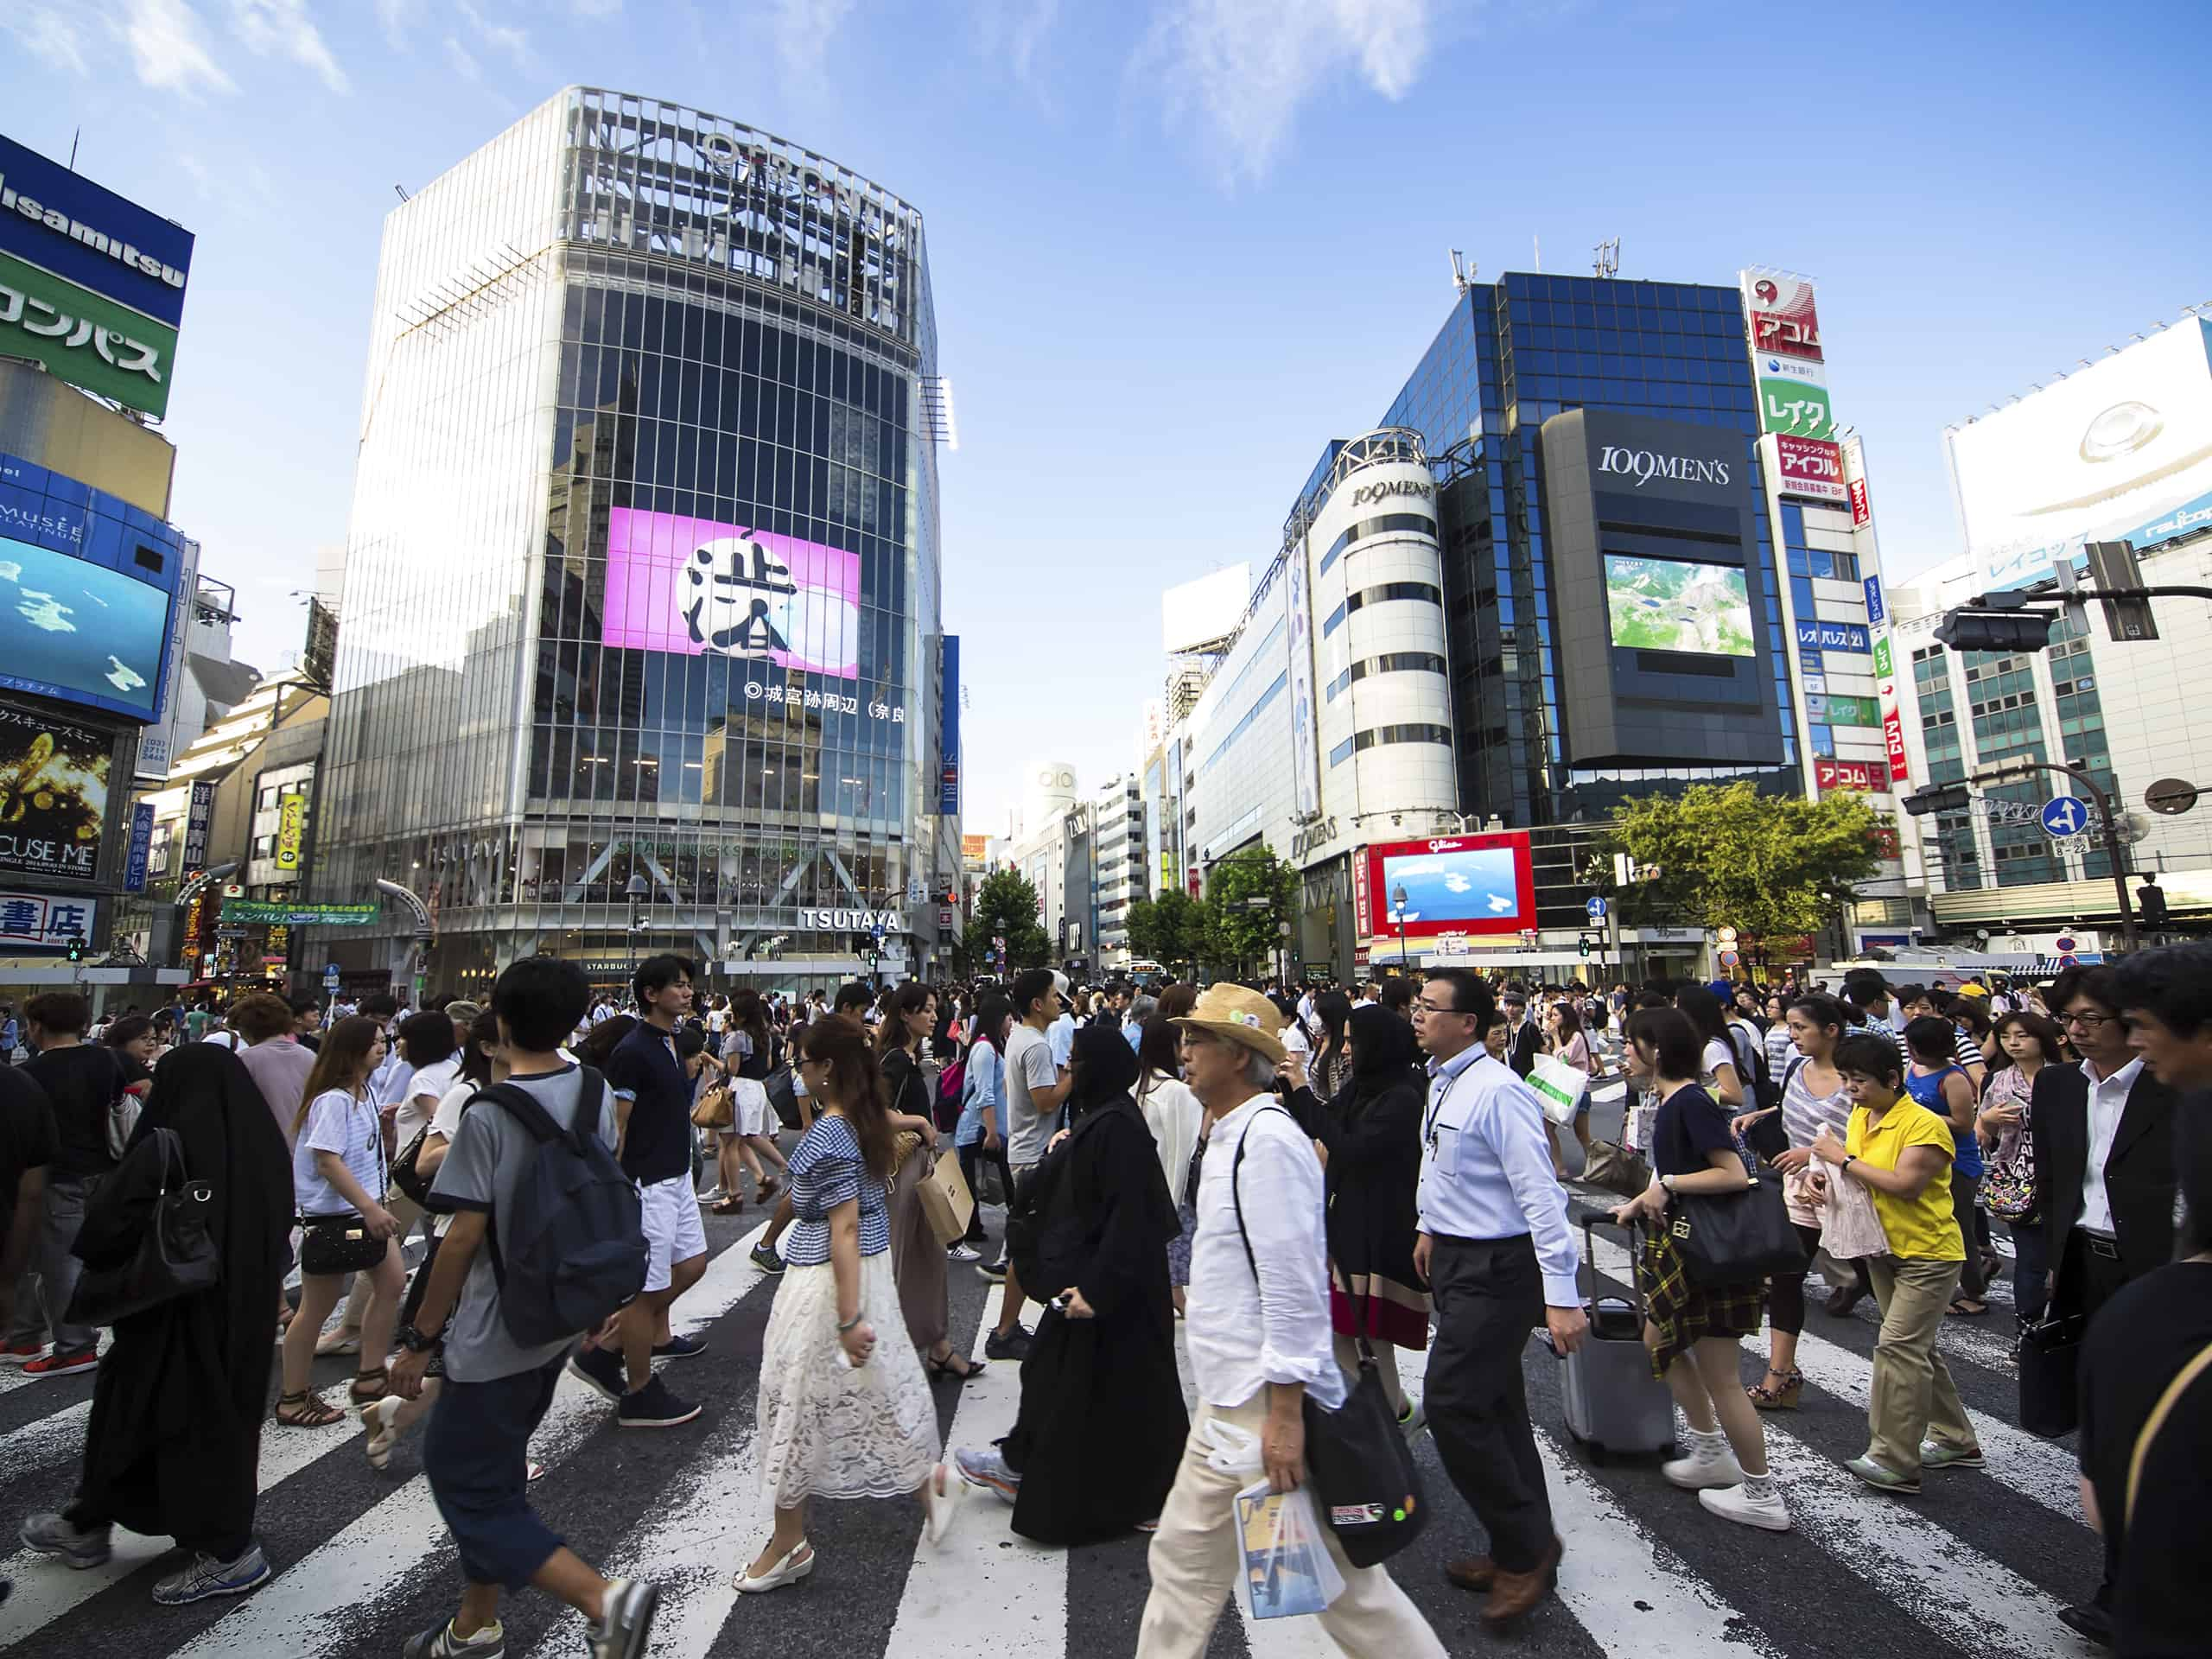 Verdens mest berømte lyskryds, Shibuya, - Risskov Rejser